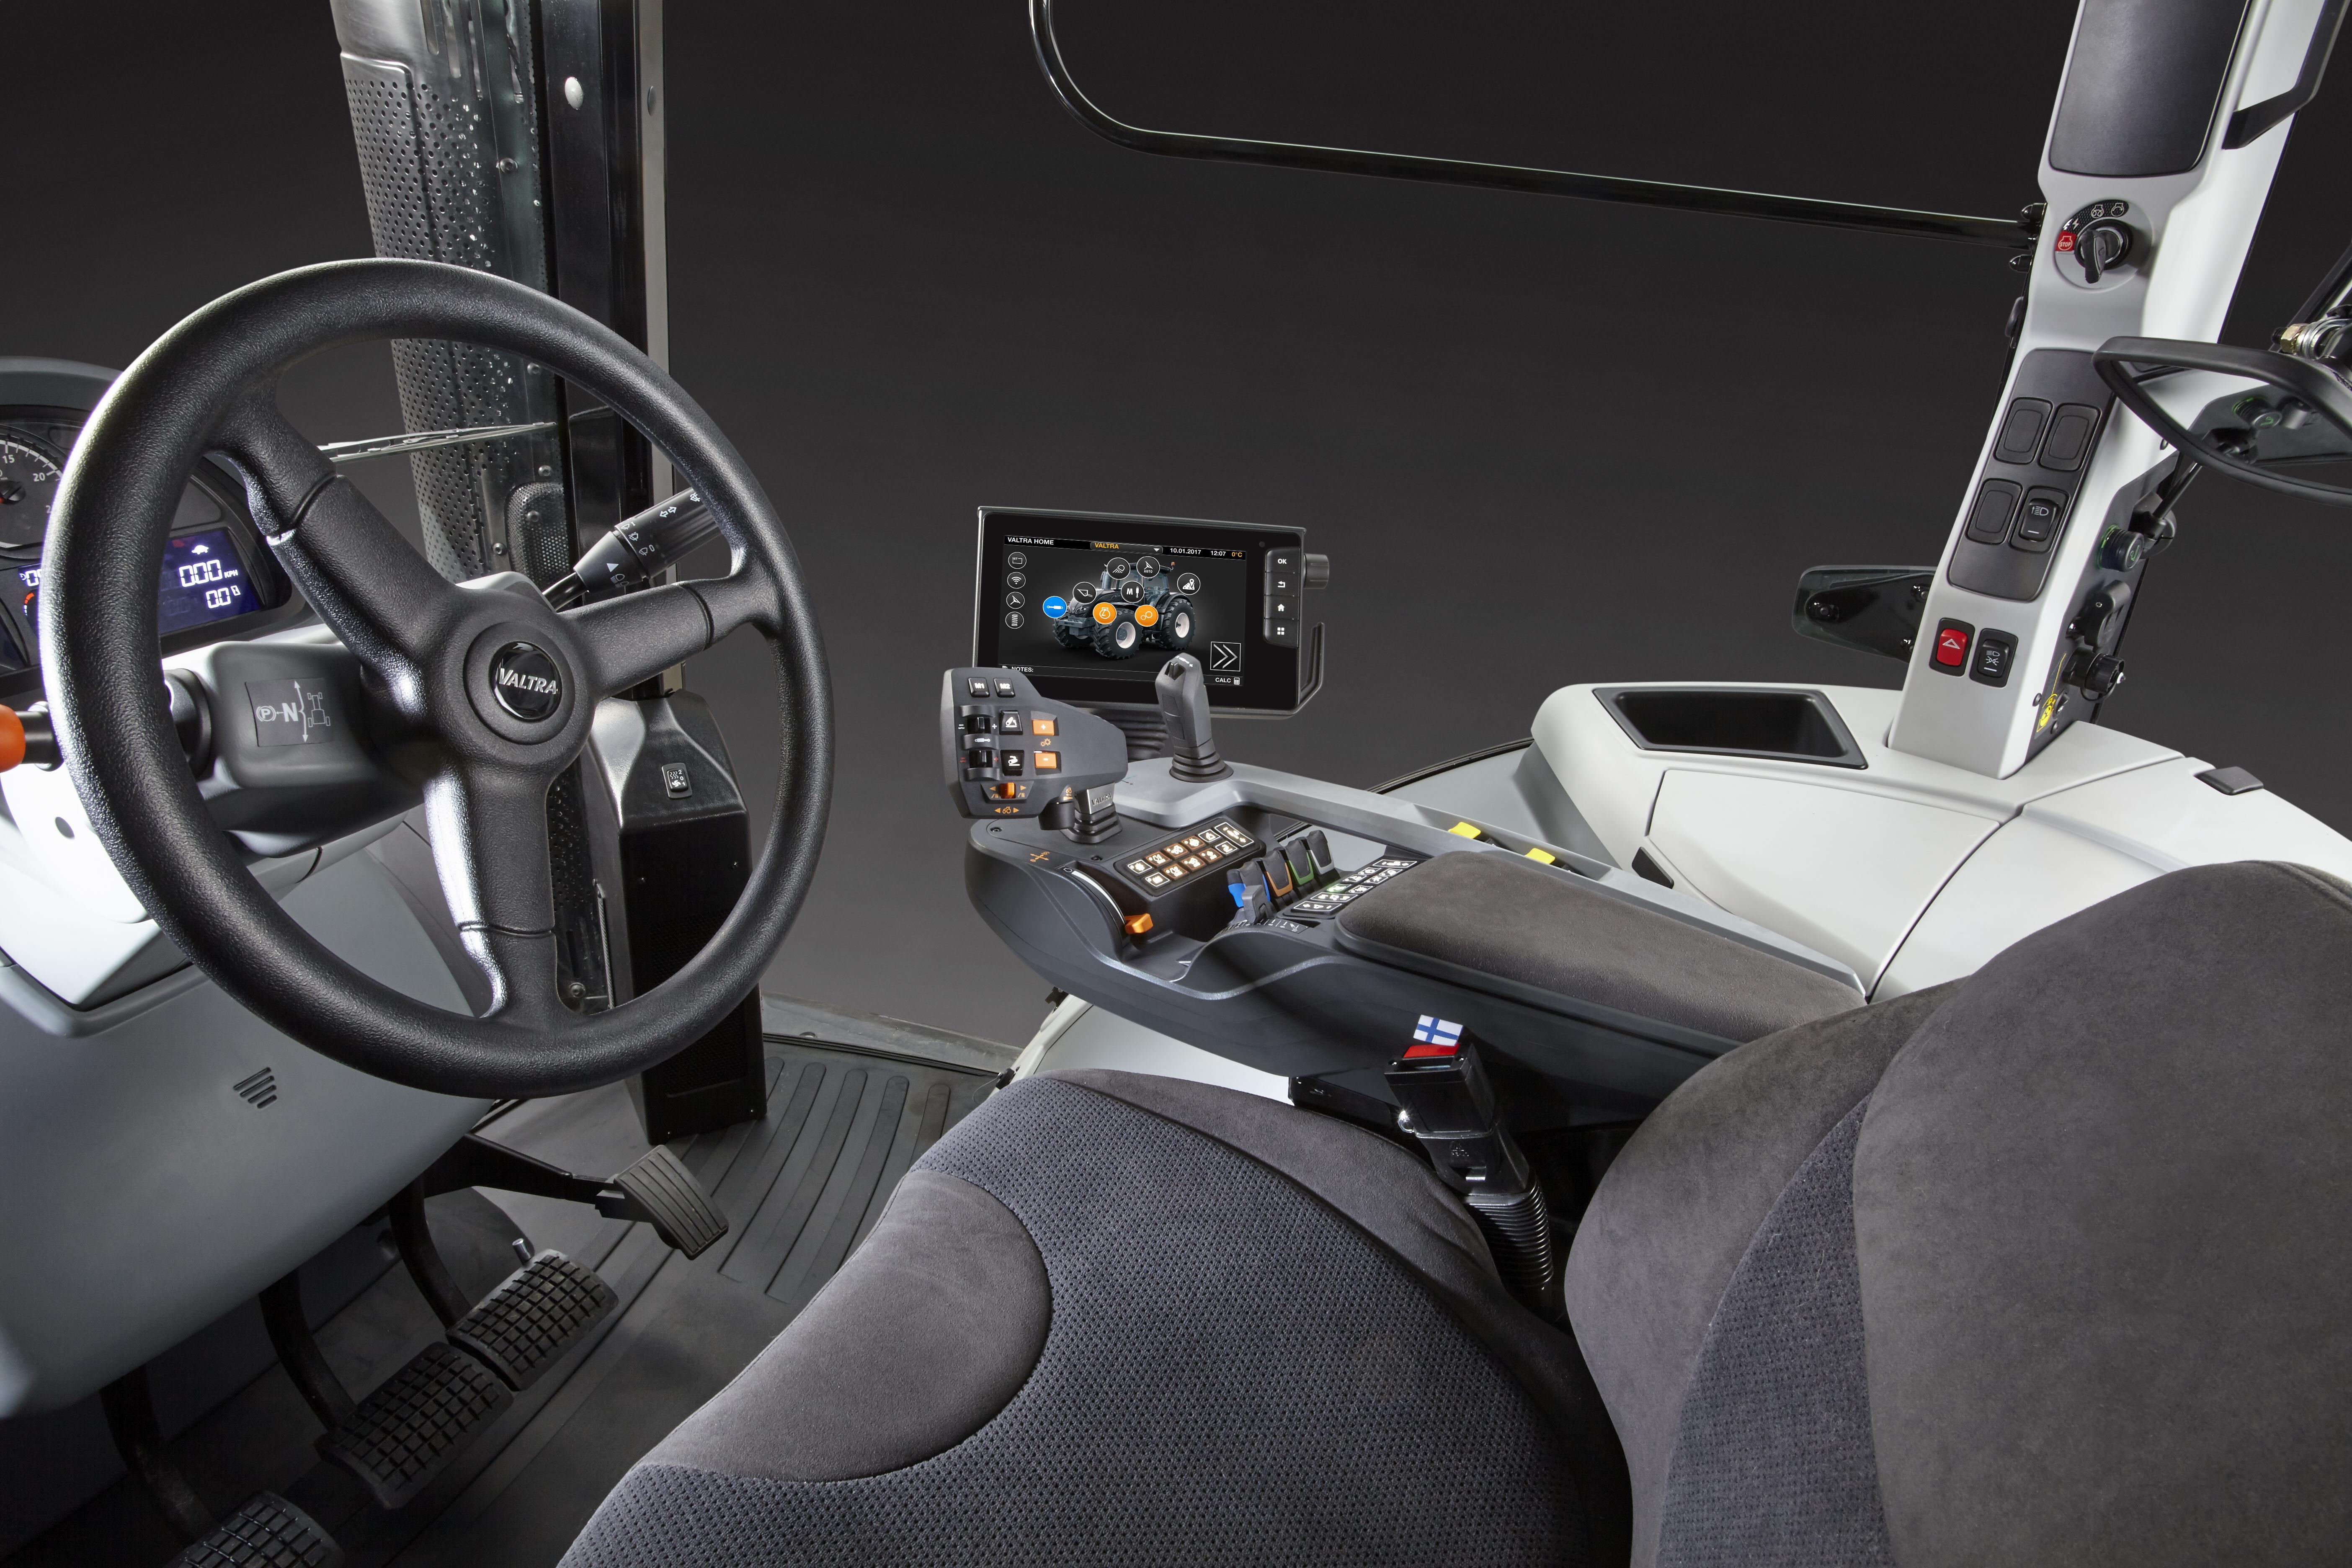 Die rechte Seitenkonsole der S-Serien-Kabine wurde komplett aufgeräumt; alle Schalter und Einstellmöglichkeiten befinden sich jetzt auf der neuen SmartTouch Armlehne.